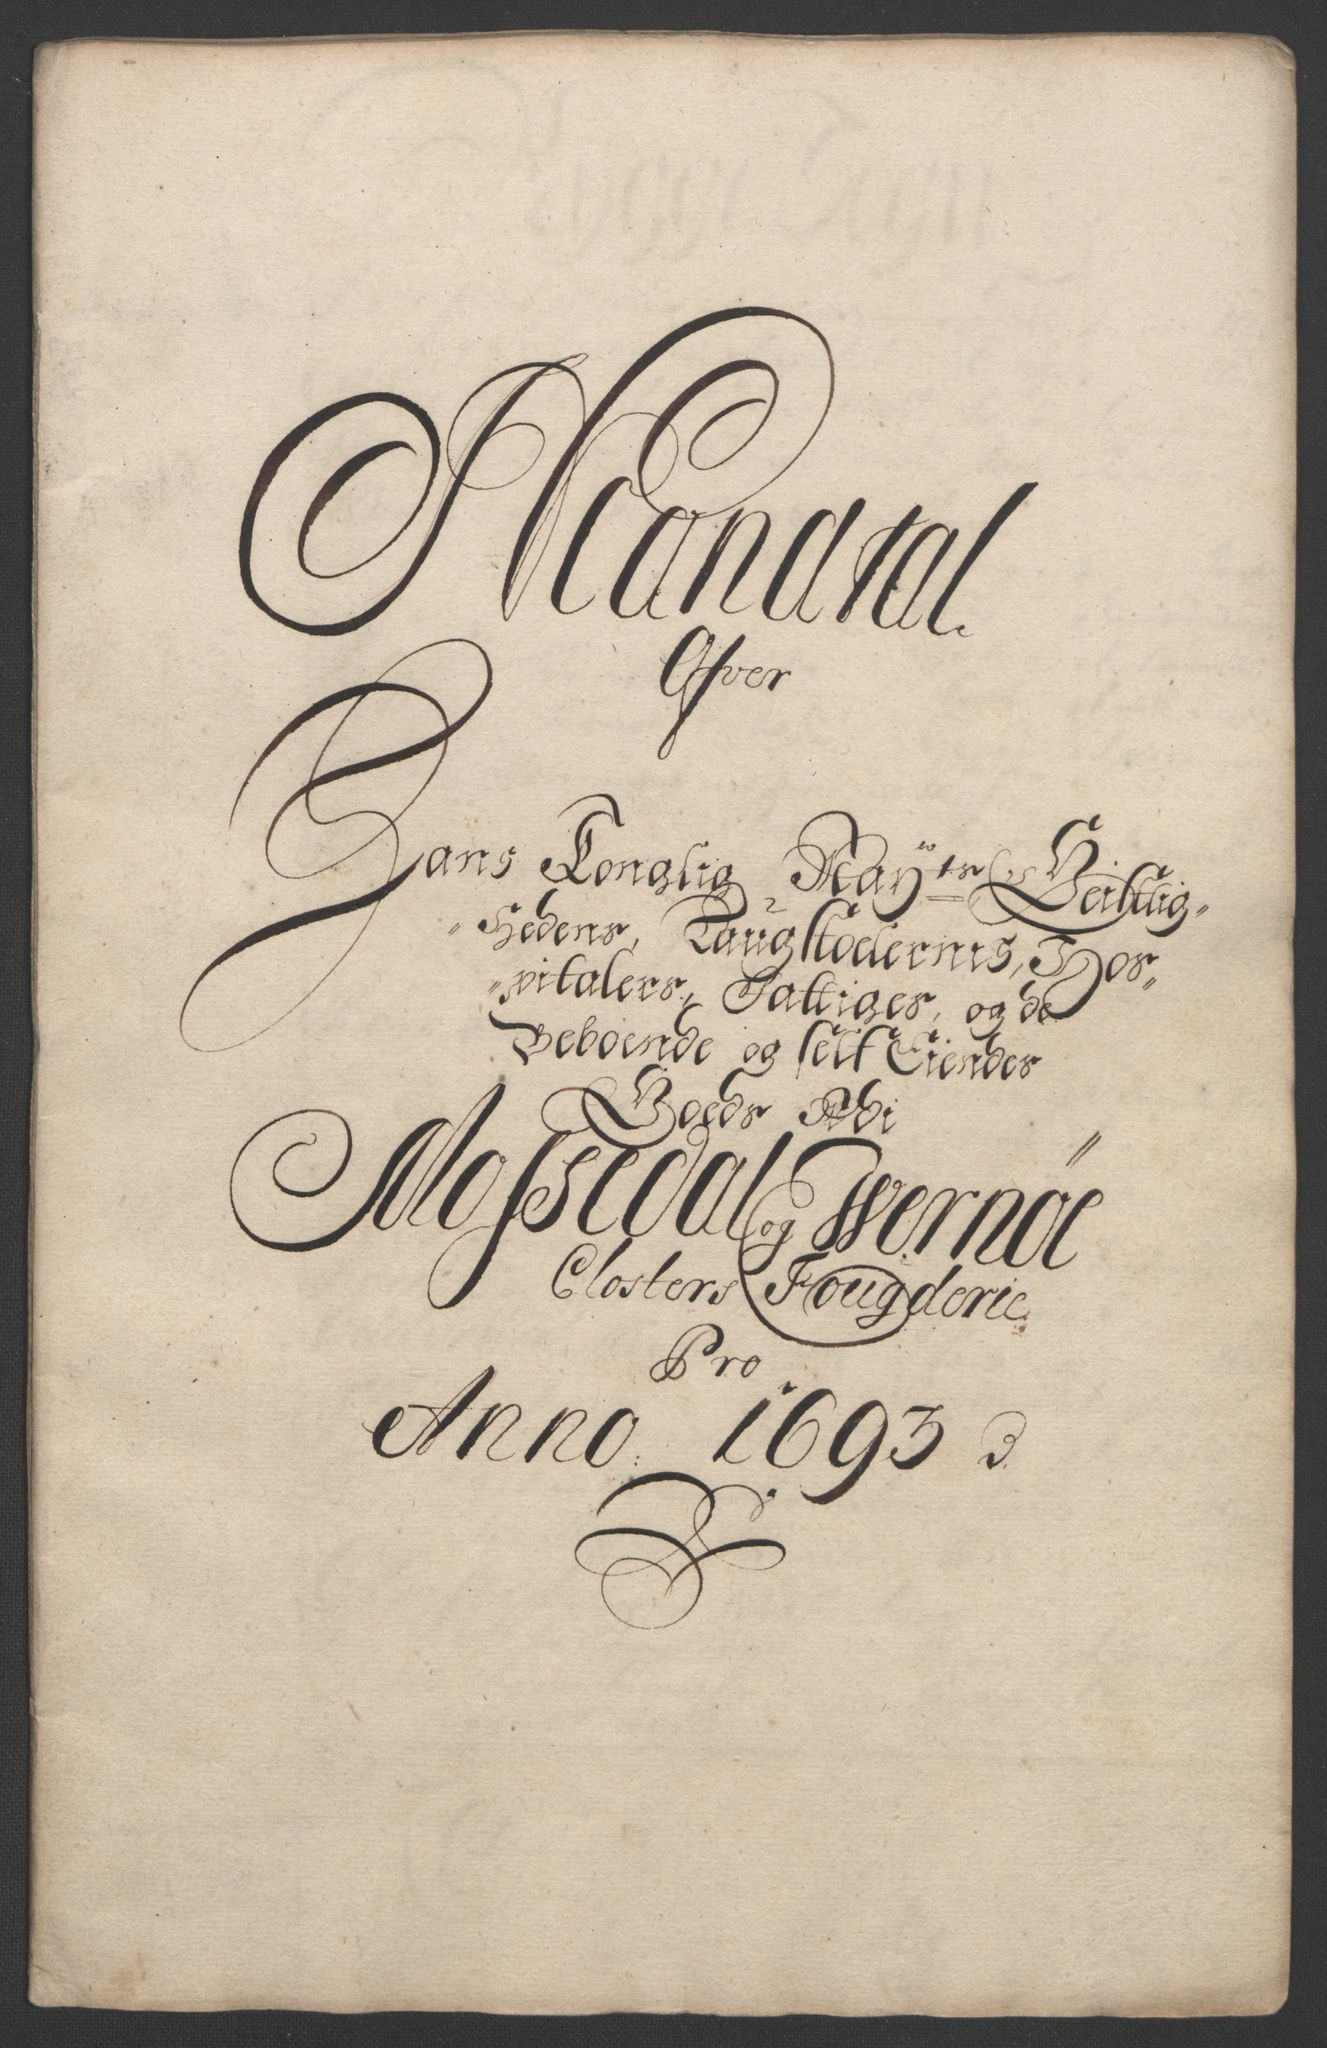 RA, Rentekammeret inntil 1814, Reviderte regnskaper, Fogderegnskap, R02/L0108: Fogderegnskap Moss og Verne kloster, 1692-1693, s. 311